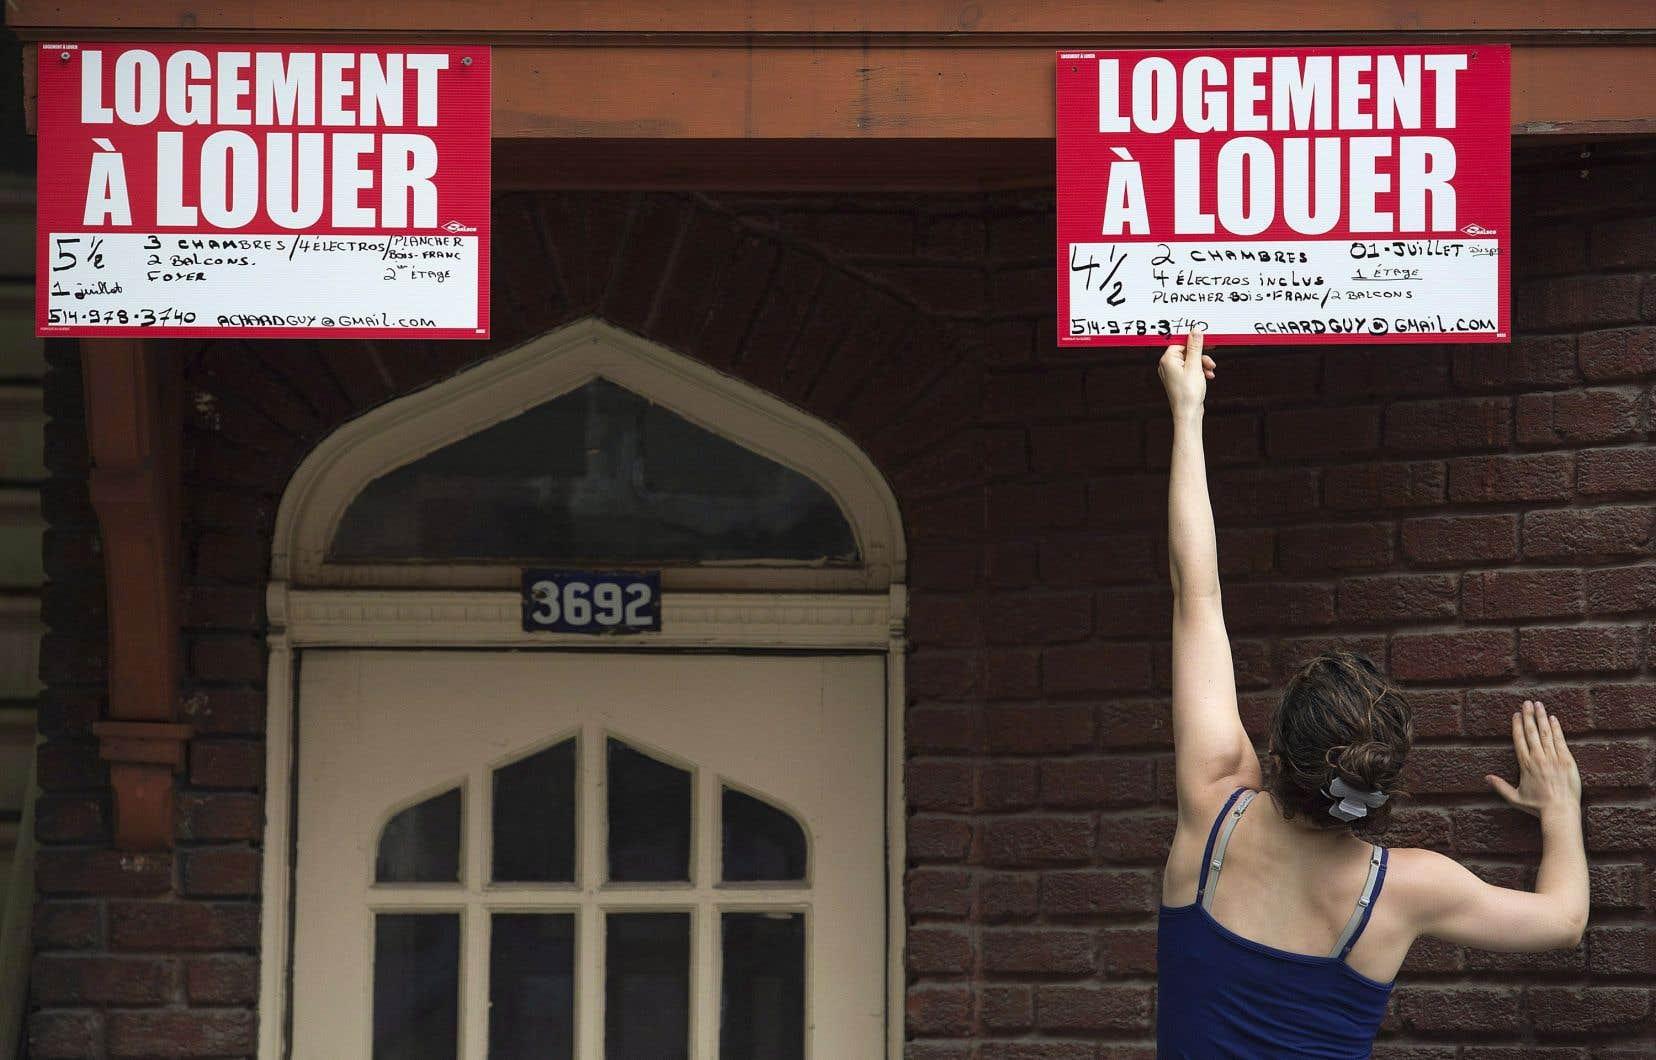 Des voix s'élèvent afin de mieux protéger les locataires face aux fortes augmentations de loyer.